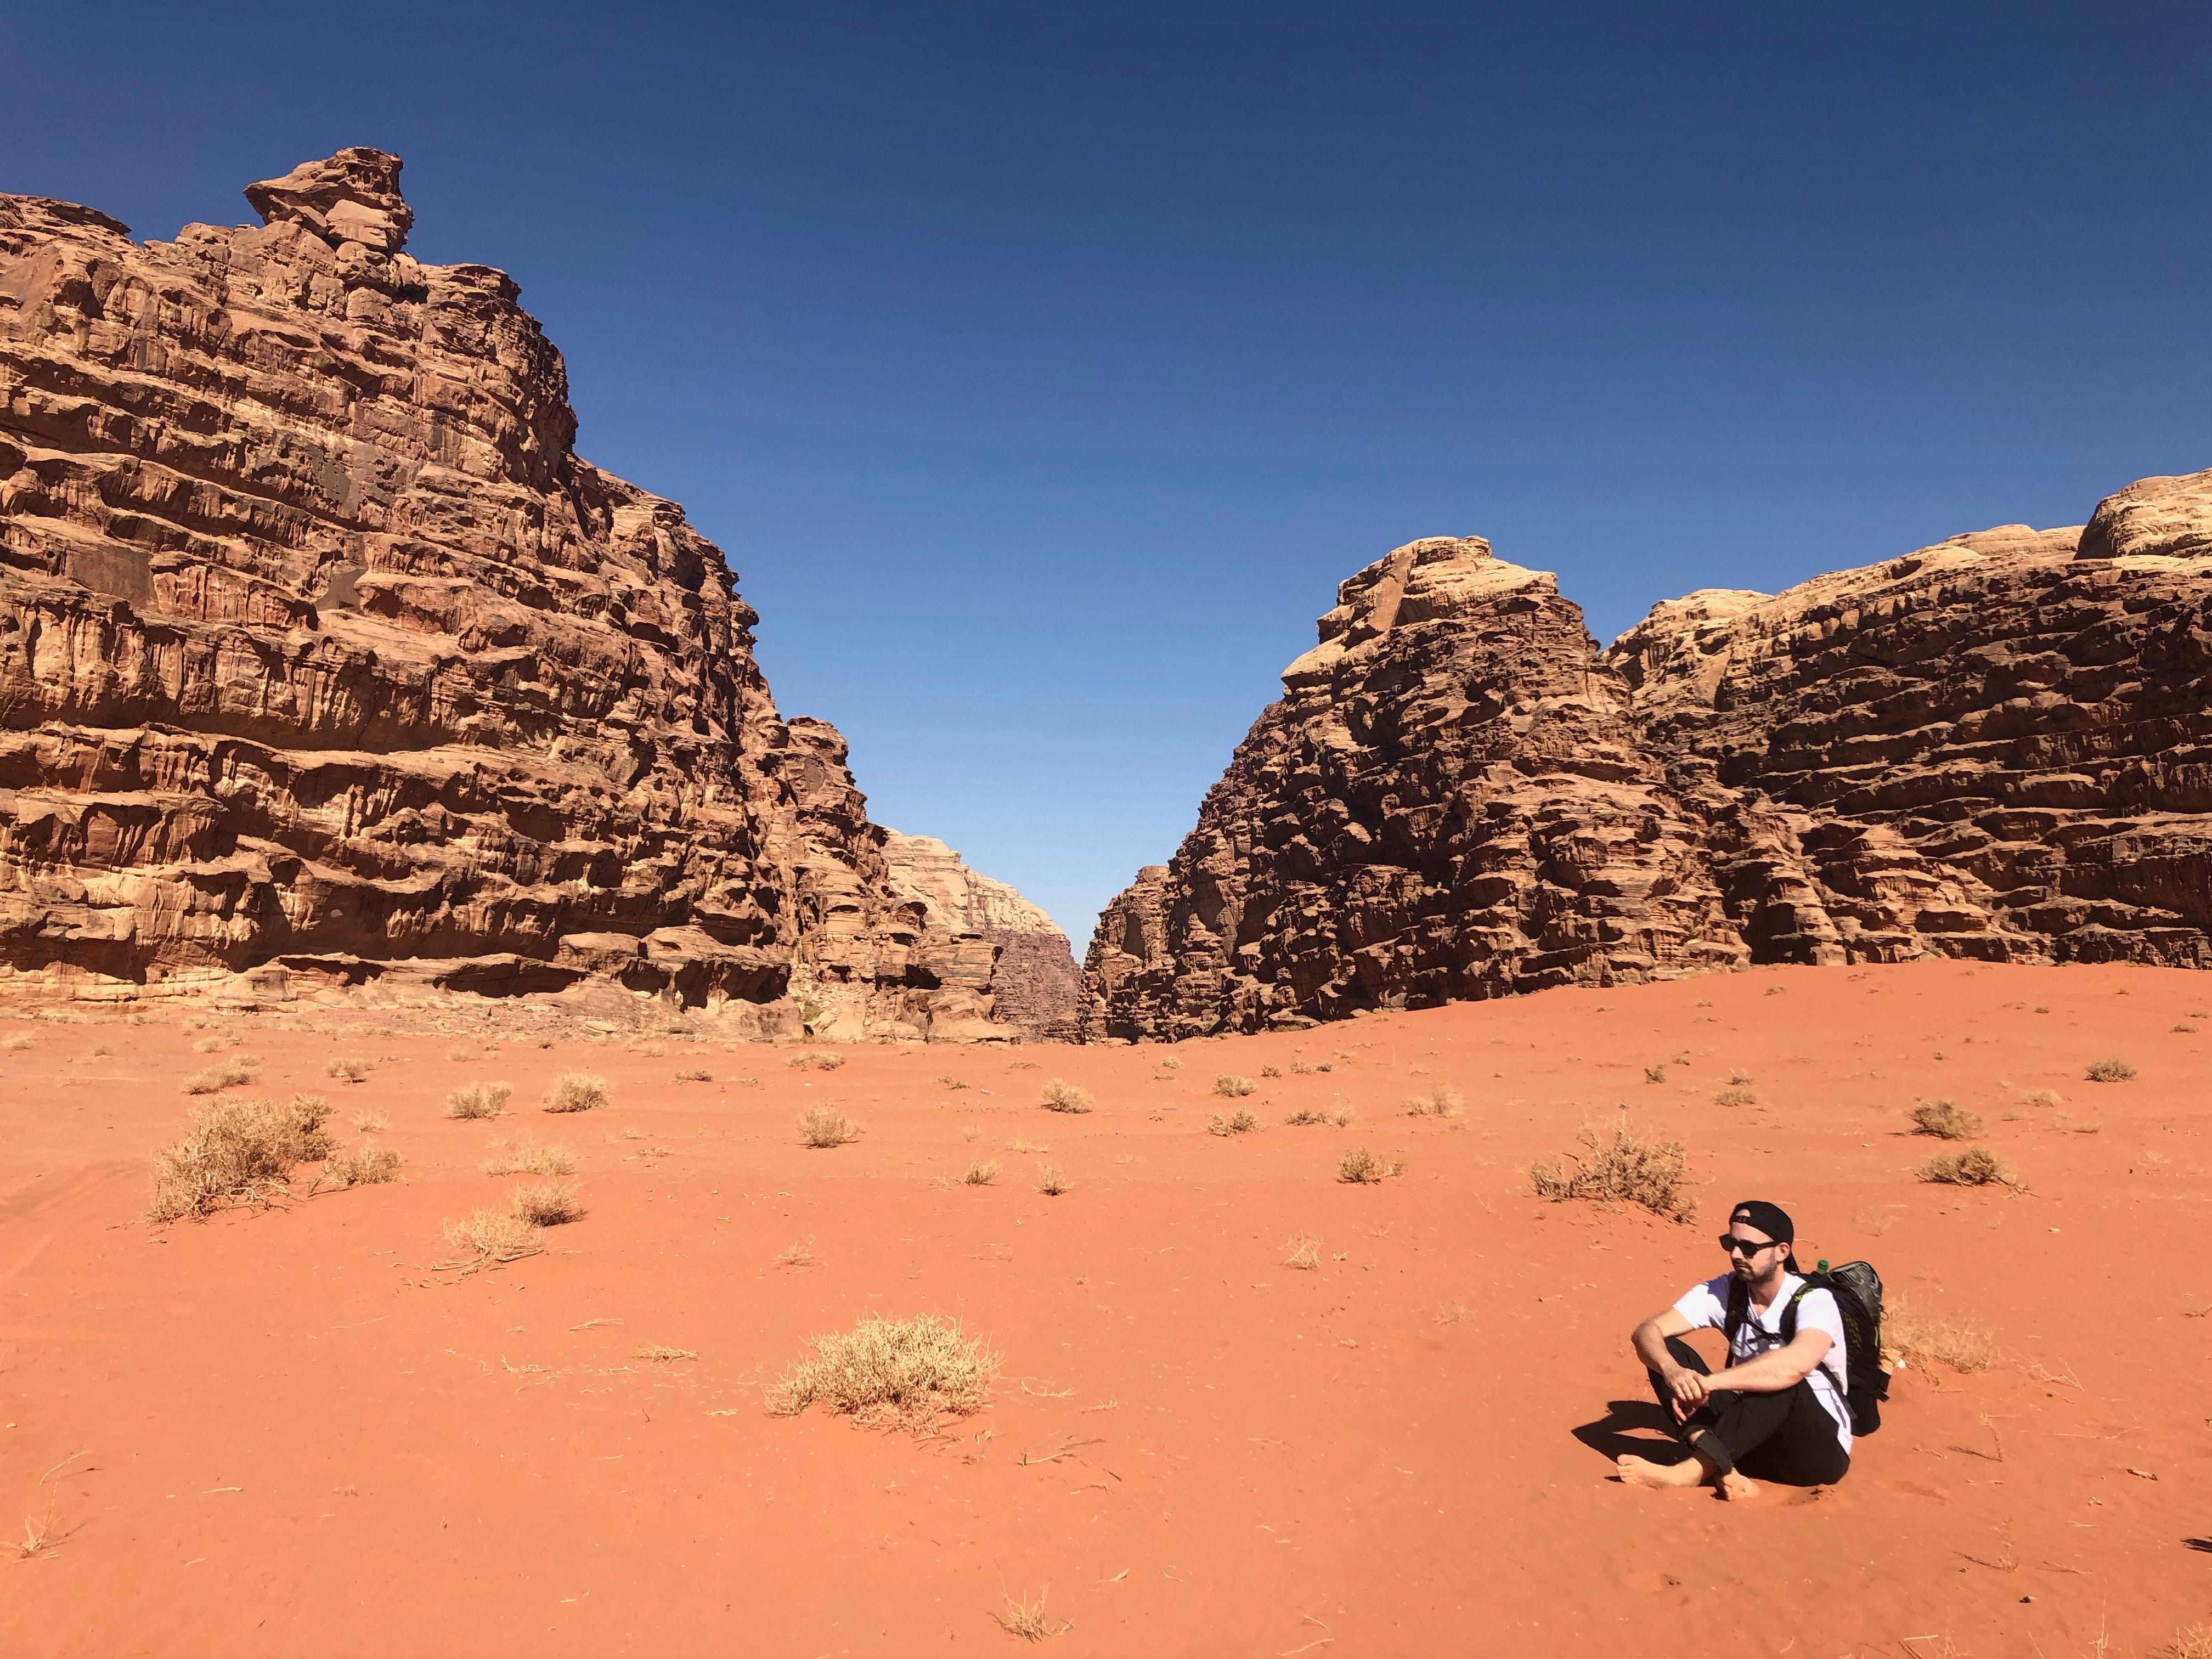 ... deserto, seco, geologia, grama, quente, panorama, homem, montanhas,  natureza, Ao ar livre, pessoa, Pedras, areia, arenito, Cênico, céu, oculos  de sol, ... 9ec85cd4ba